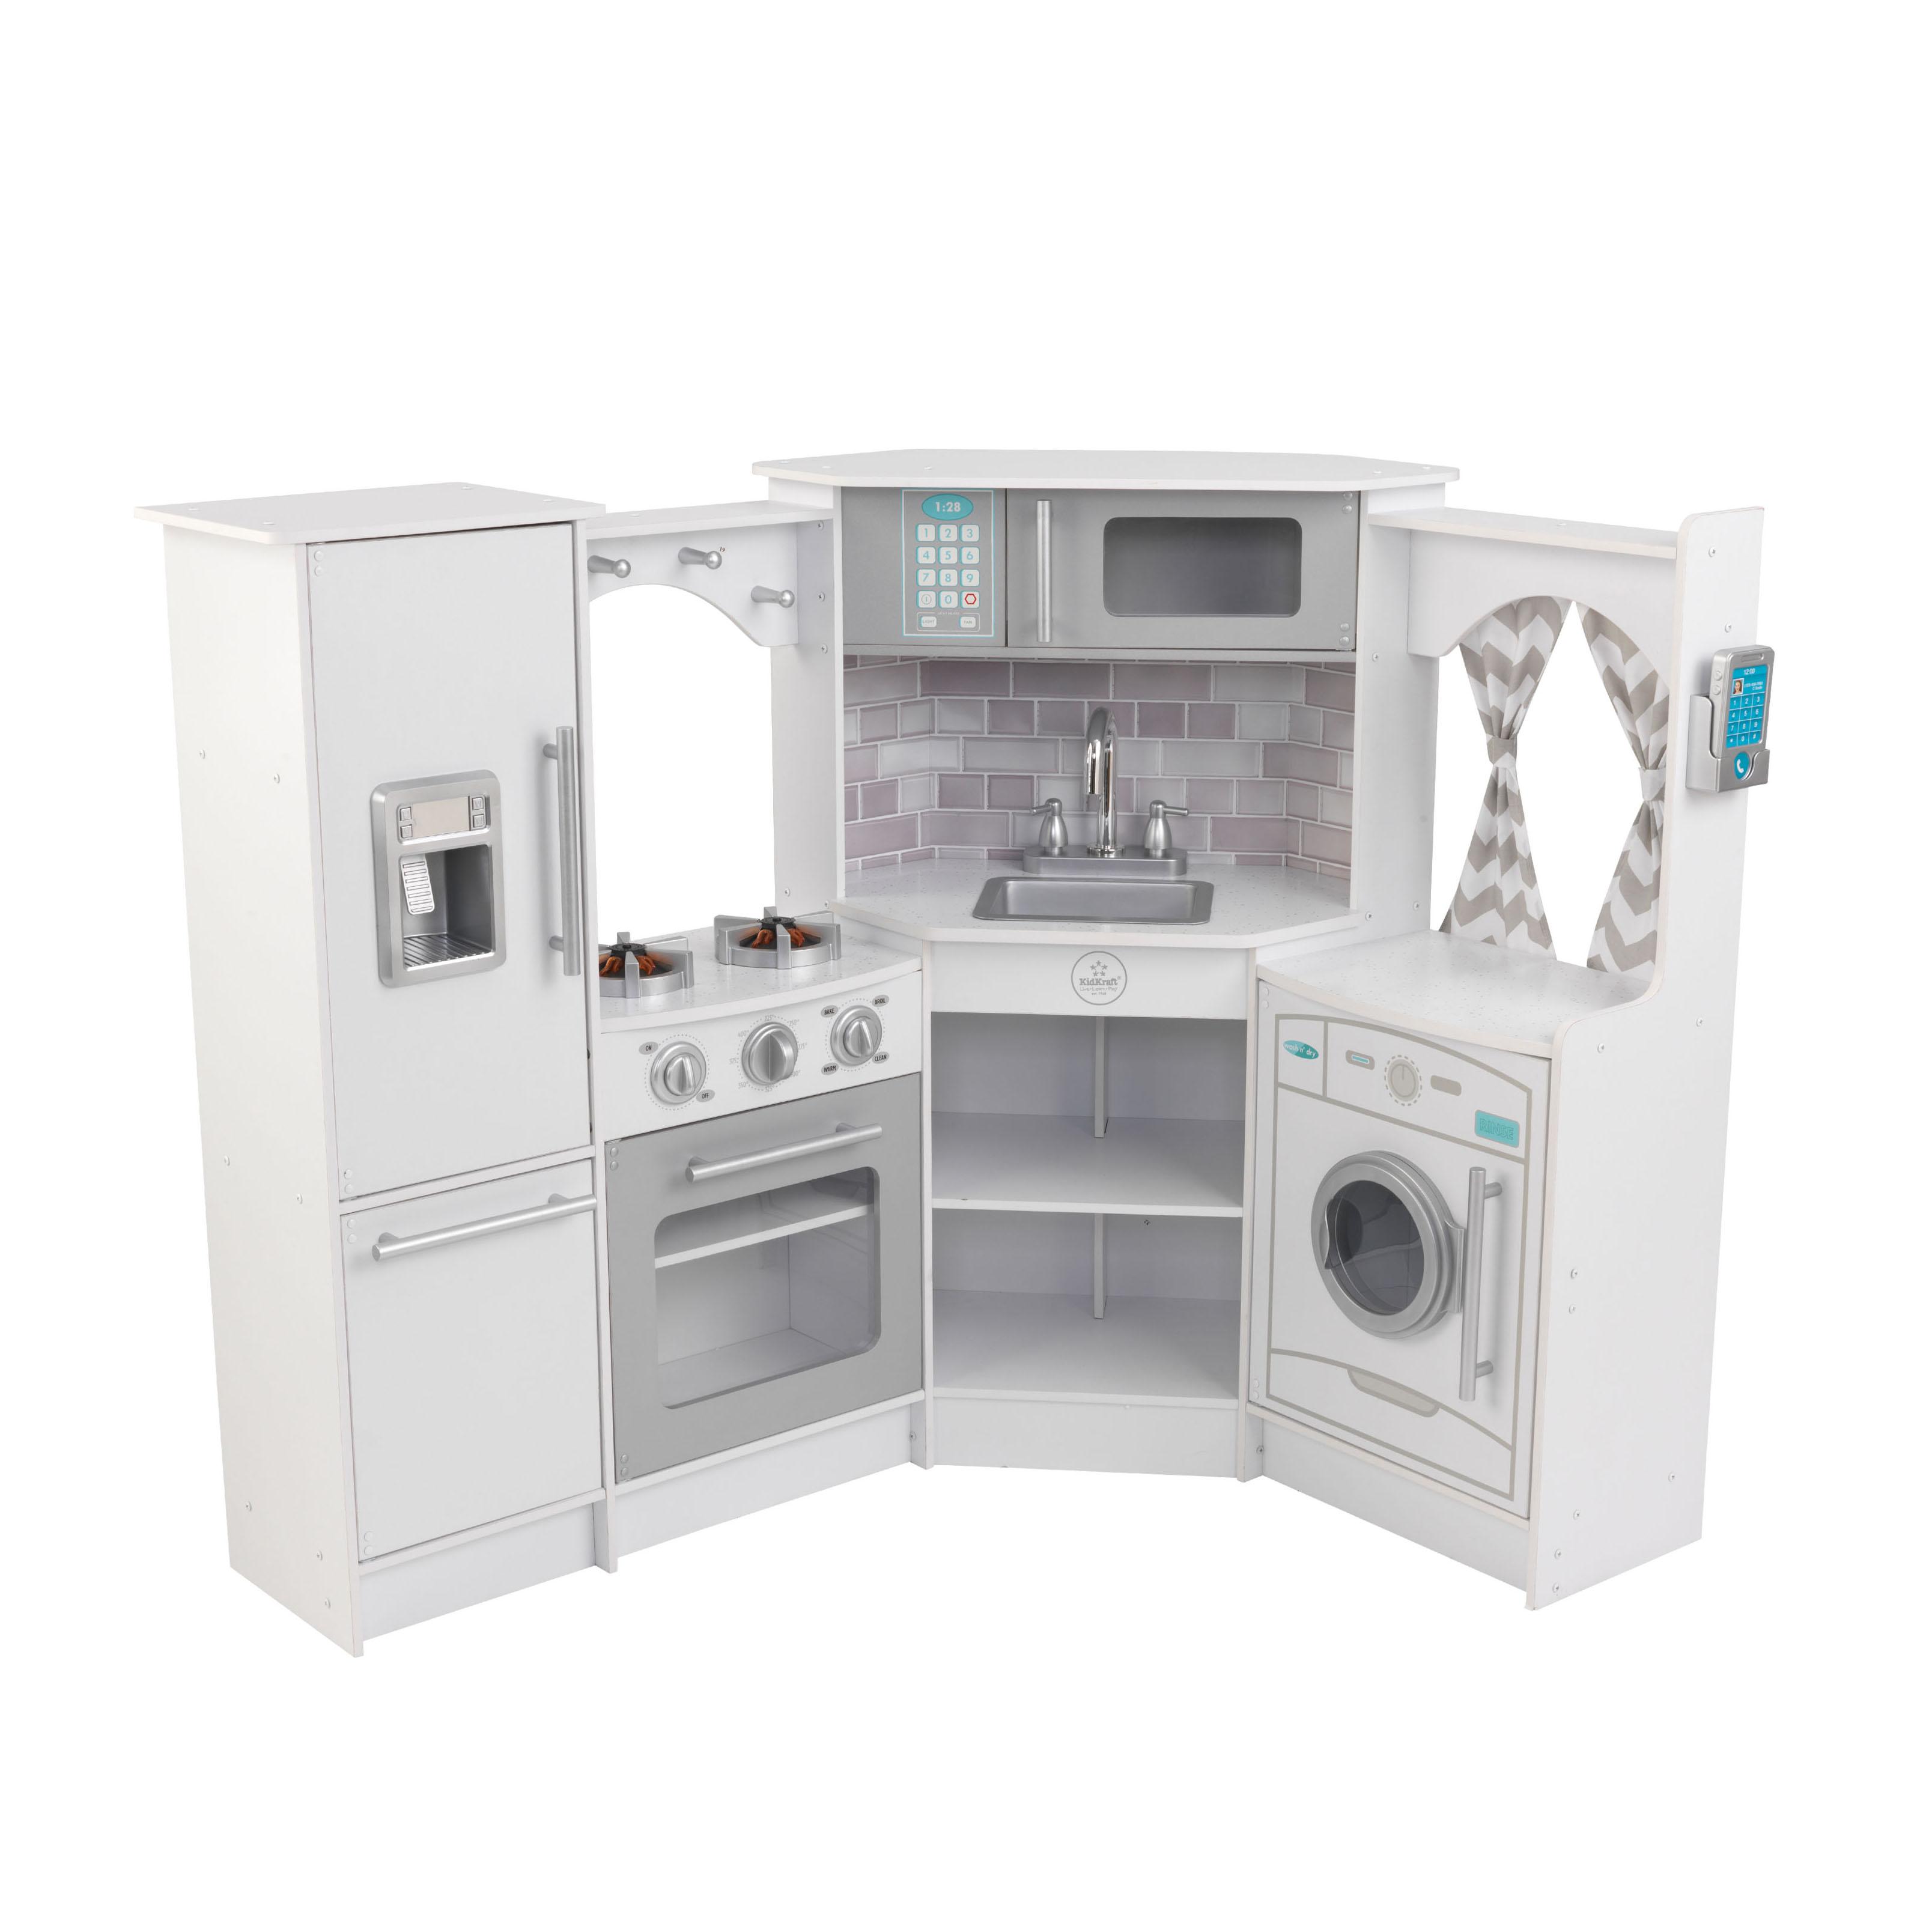 Купить Кухня Белый-Интерактив угловая KidKraft 53386_KE, Детская кухня